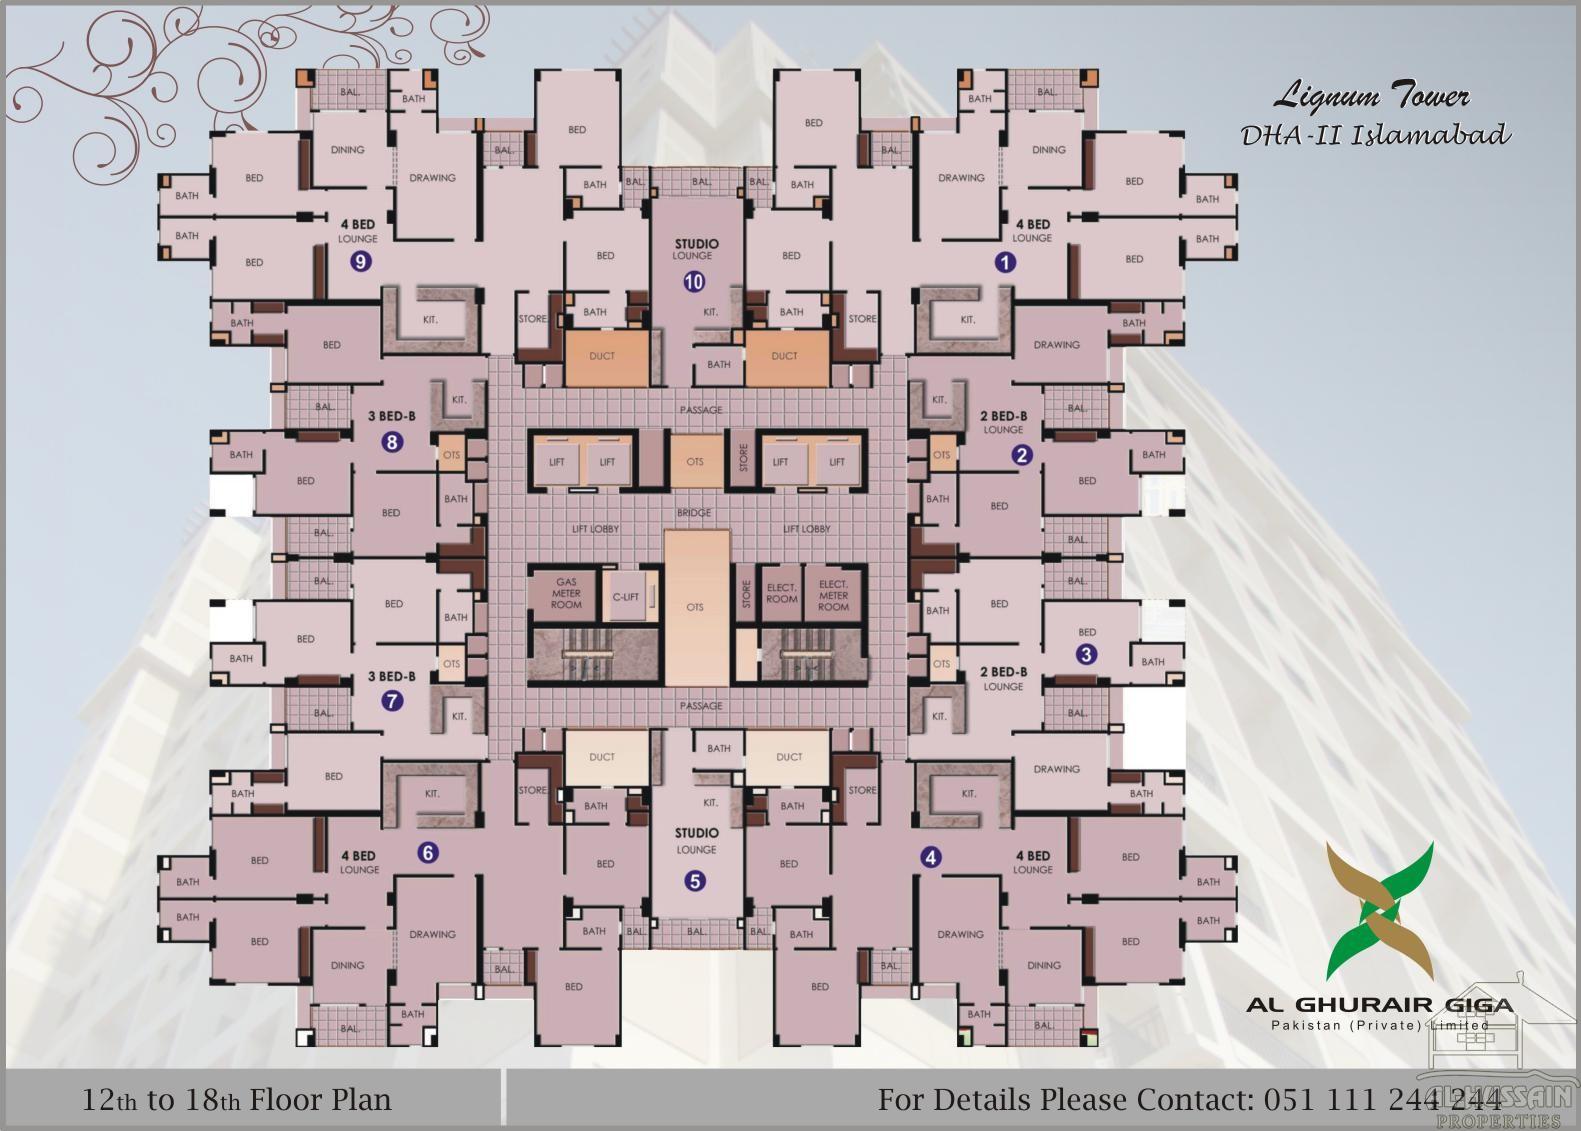 12 to 18 Floor Plan